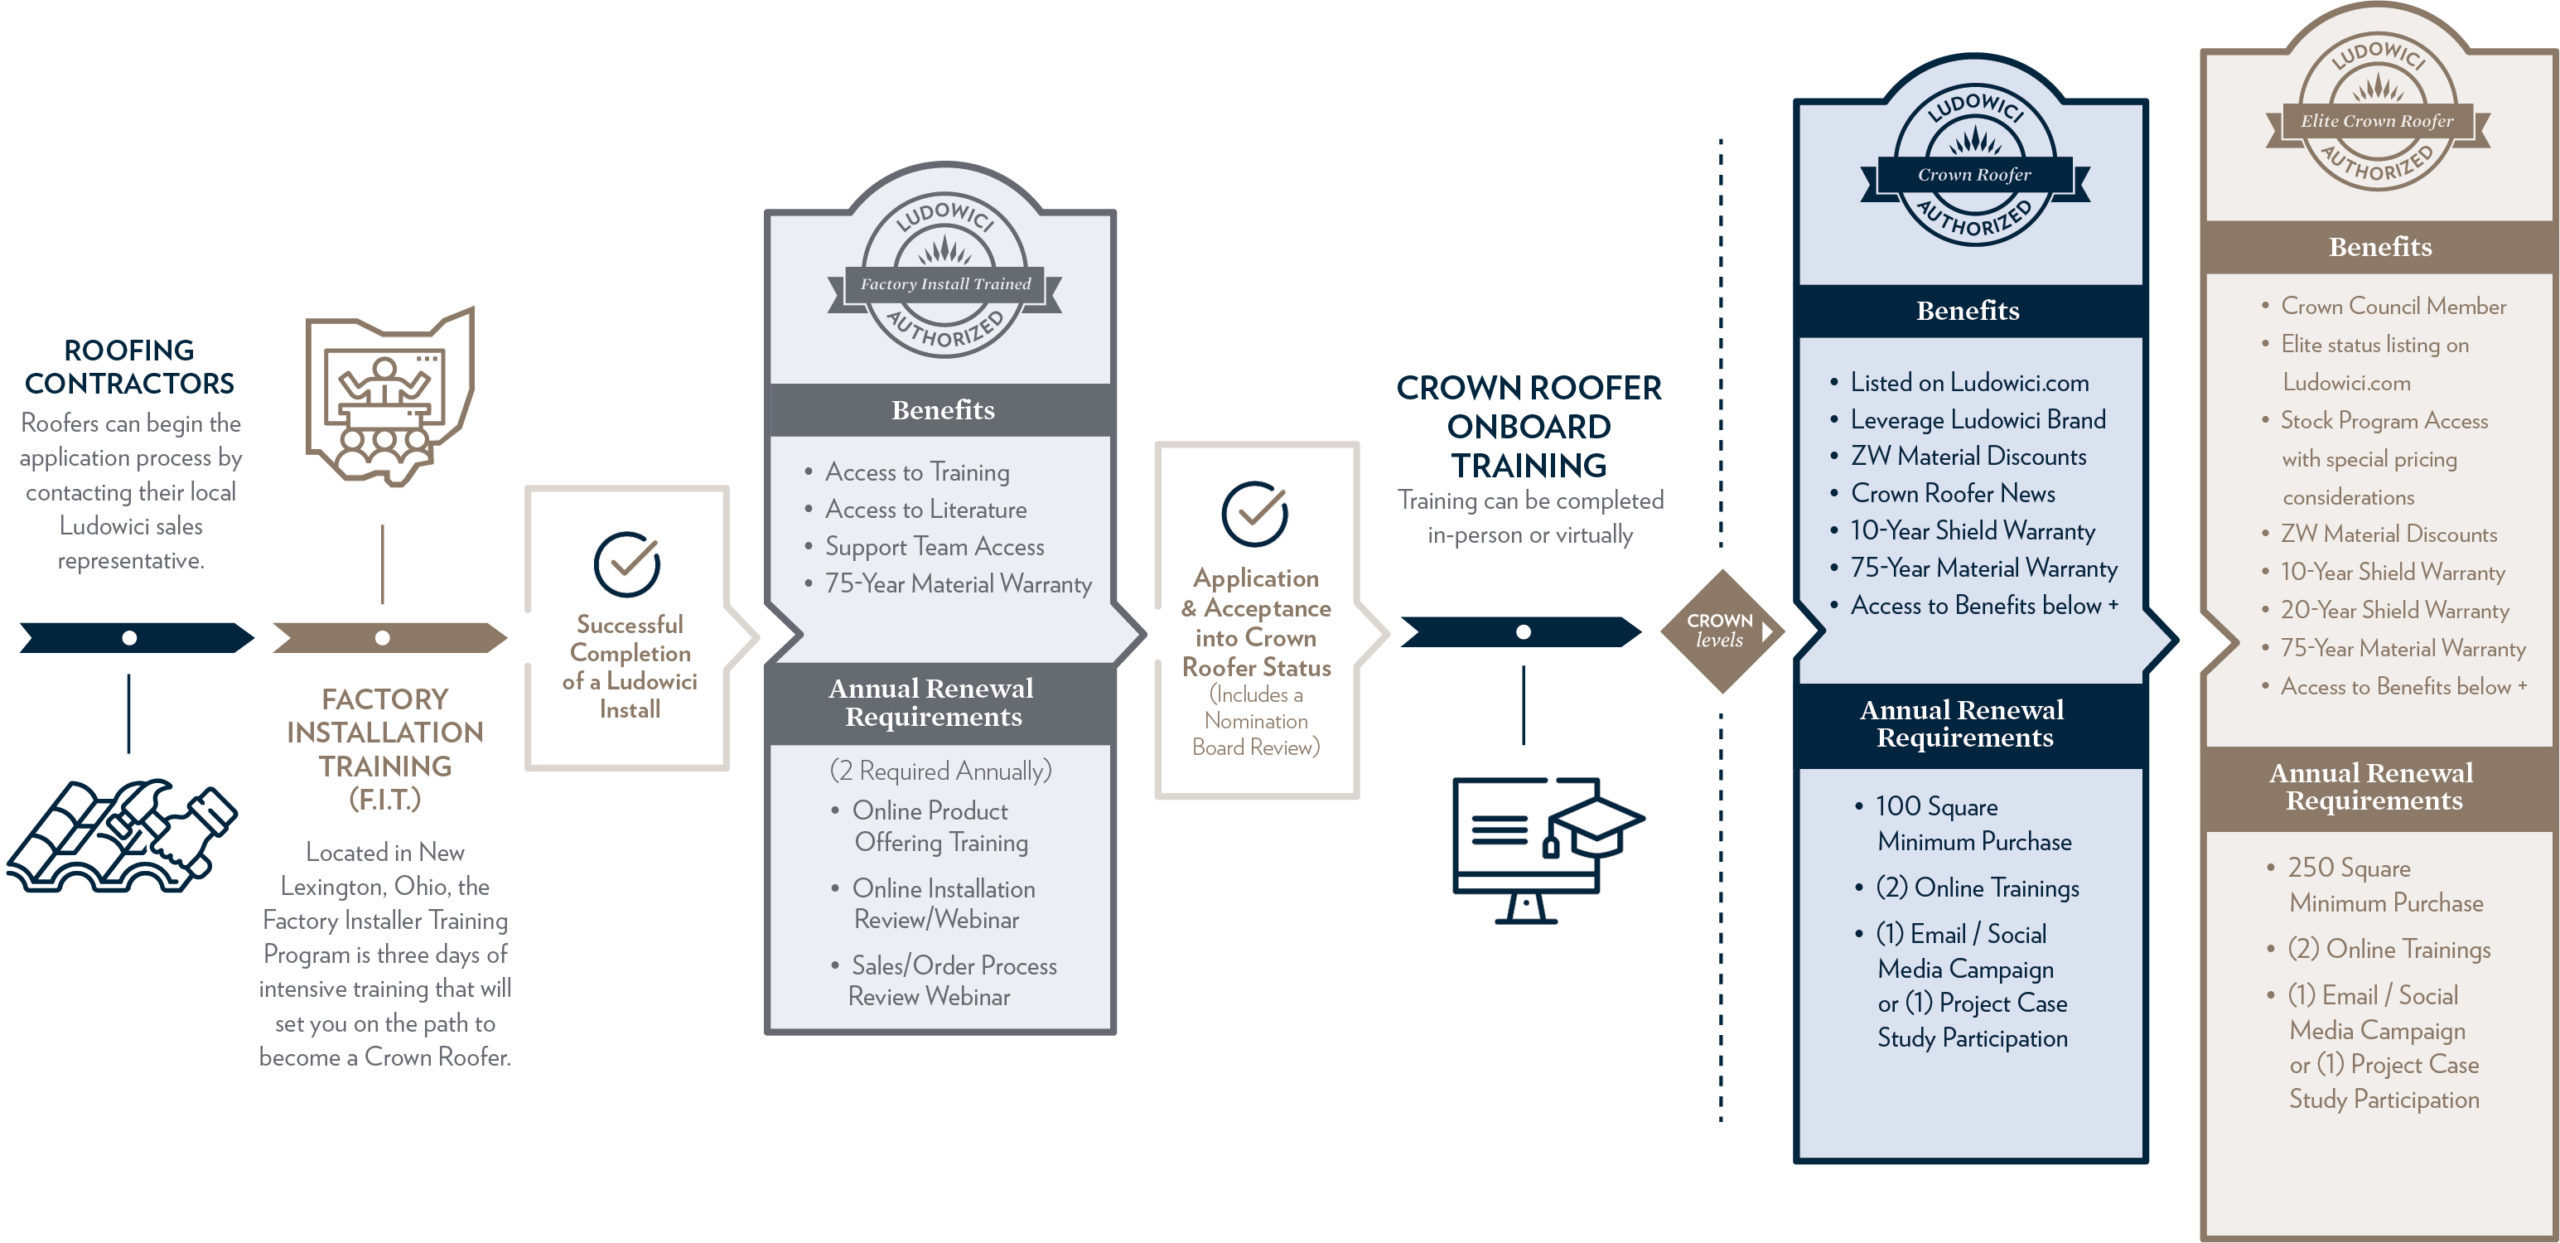 Crown Roofer Program Levels